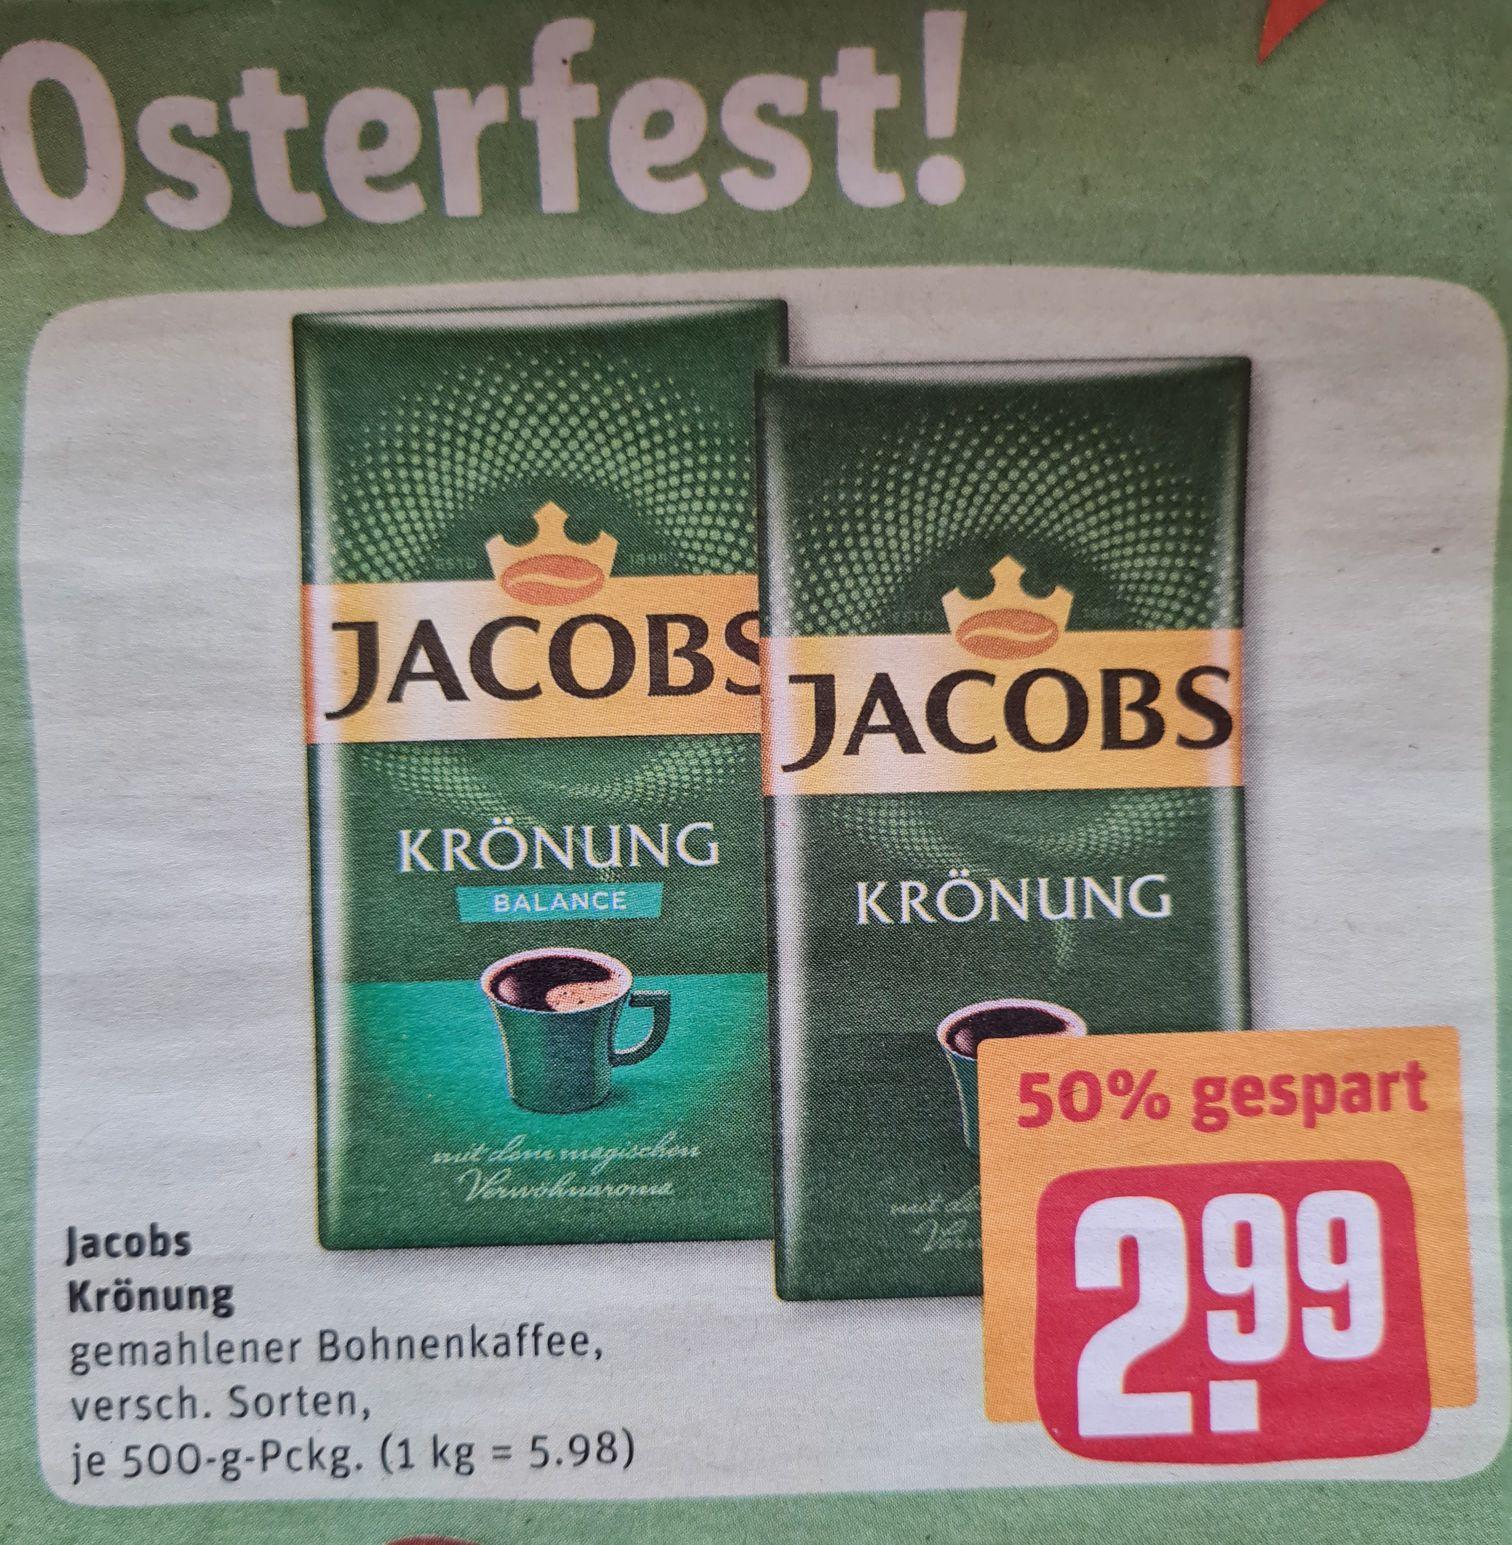 Jacobs Krönung gemahlener Bohnenkaffee verschiedene Sorten REWE ab 29.03